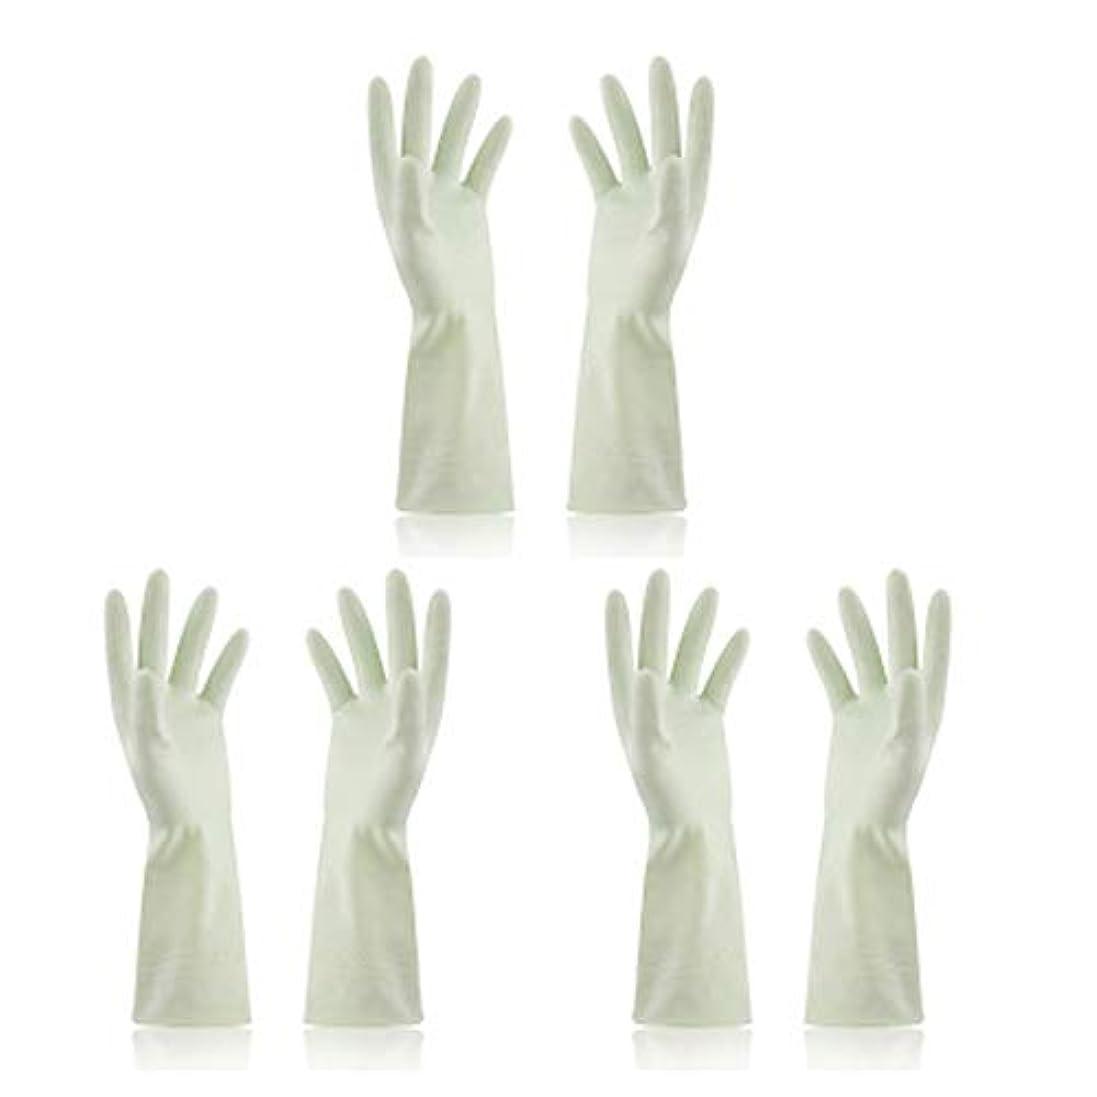 行進公平なチートBTXXYJP キッチン用手袋 手袋 食器洗い 炊事 作業 食器洗い 掃除 園芸 洗車 防水 防油 手袋 (Color : Green, Size : M)